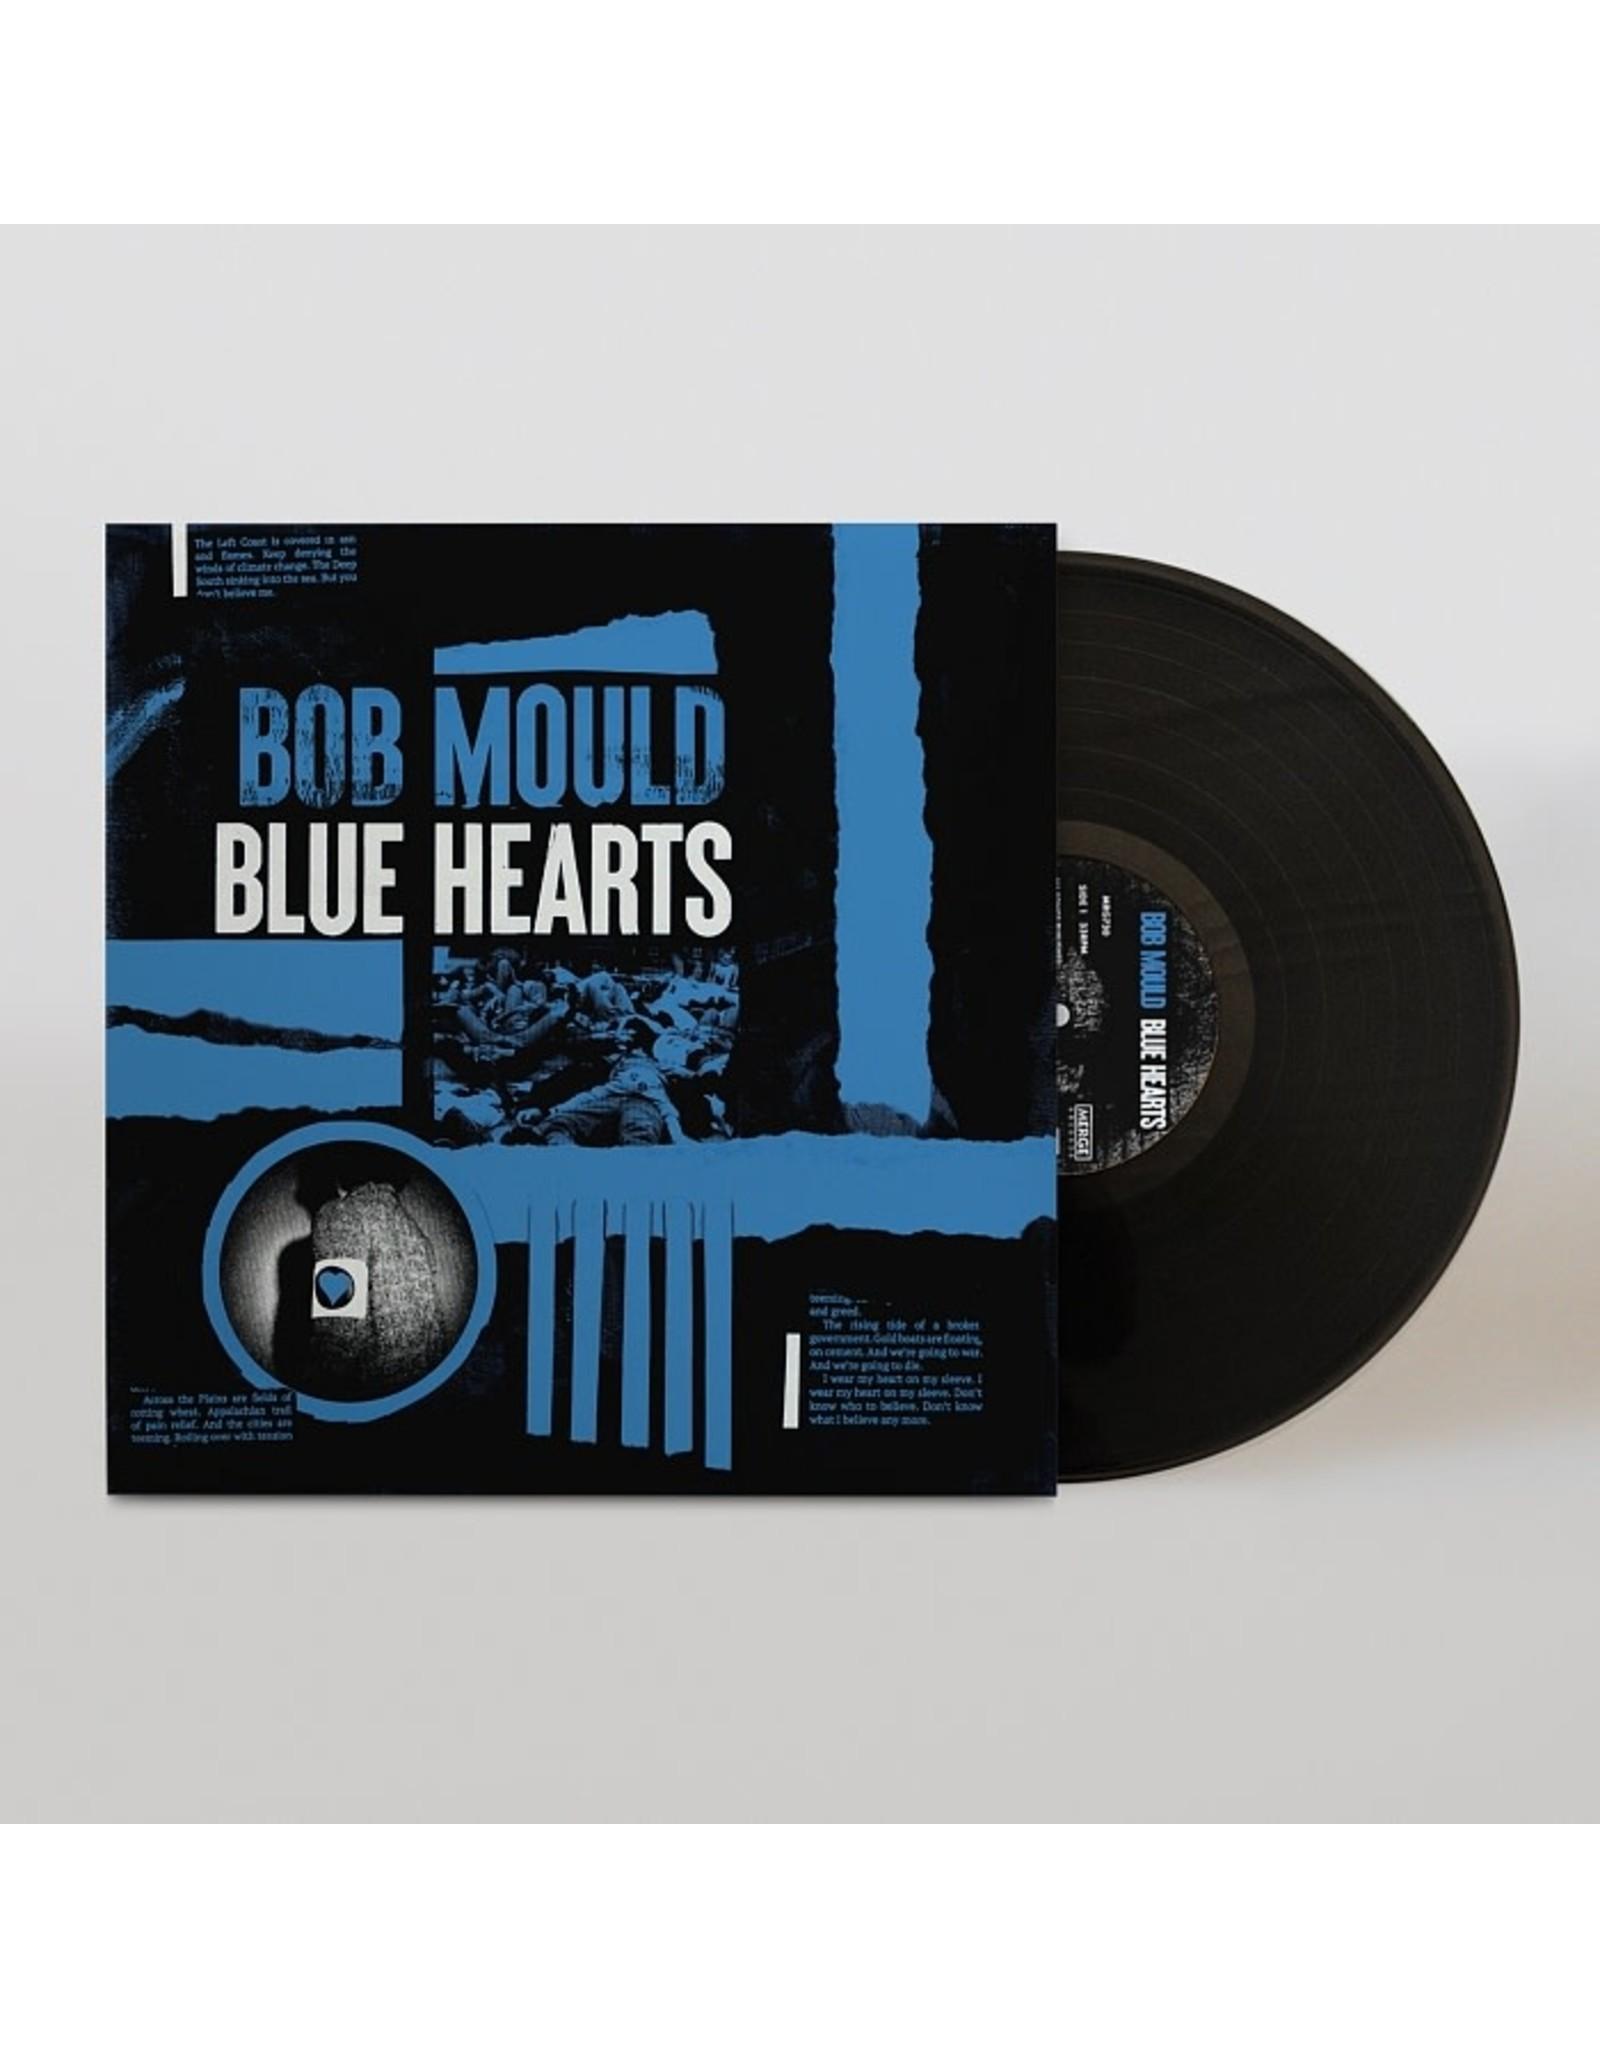 Mould, Bob - Blue Hearts LP